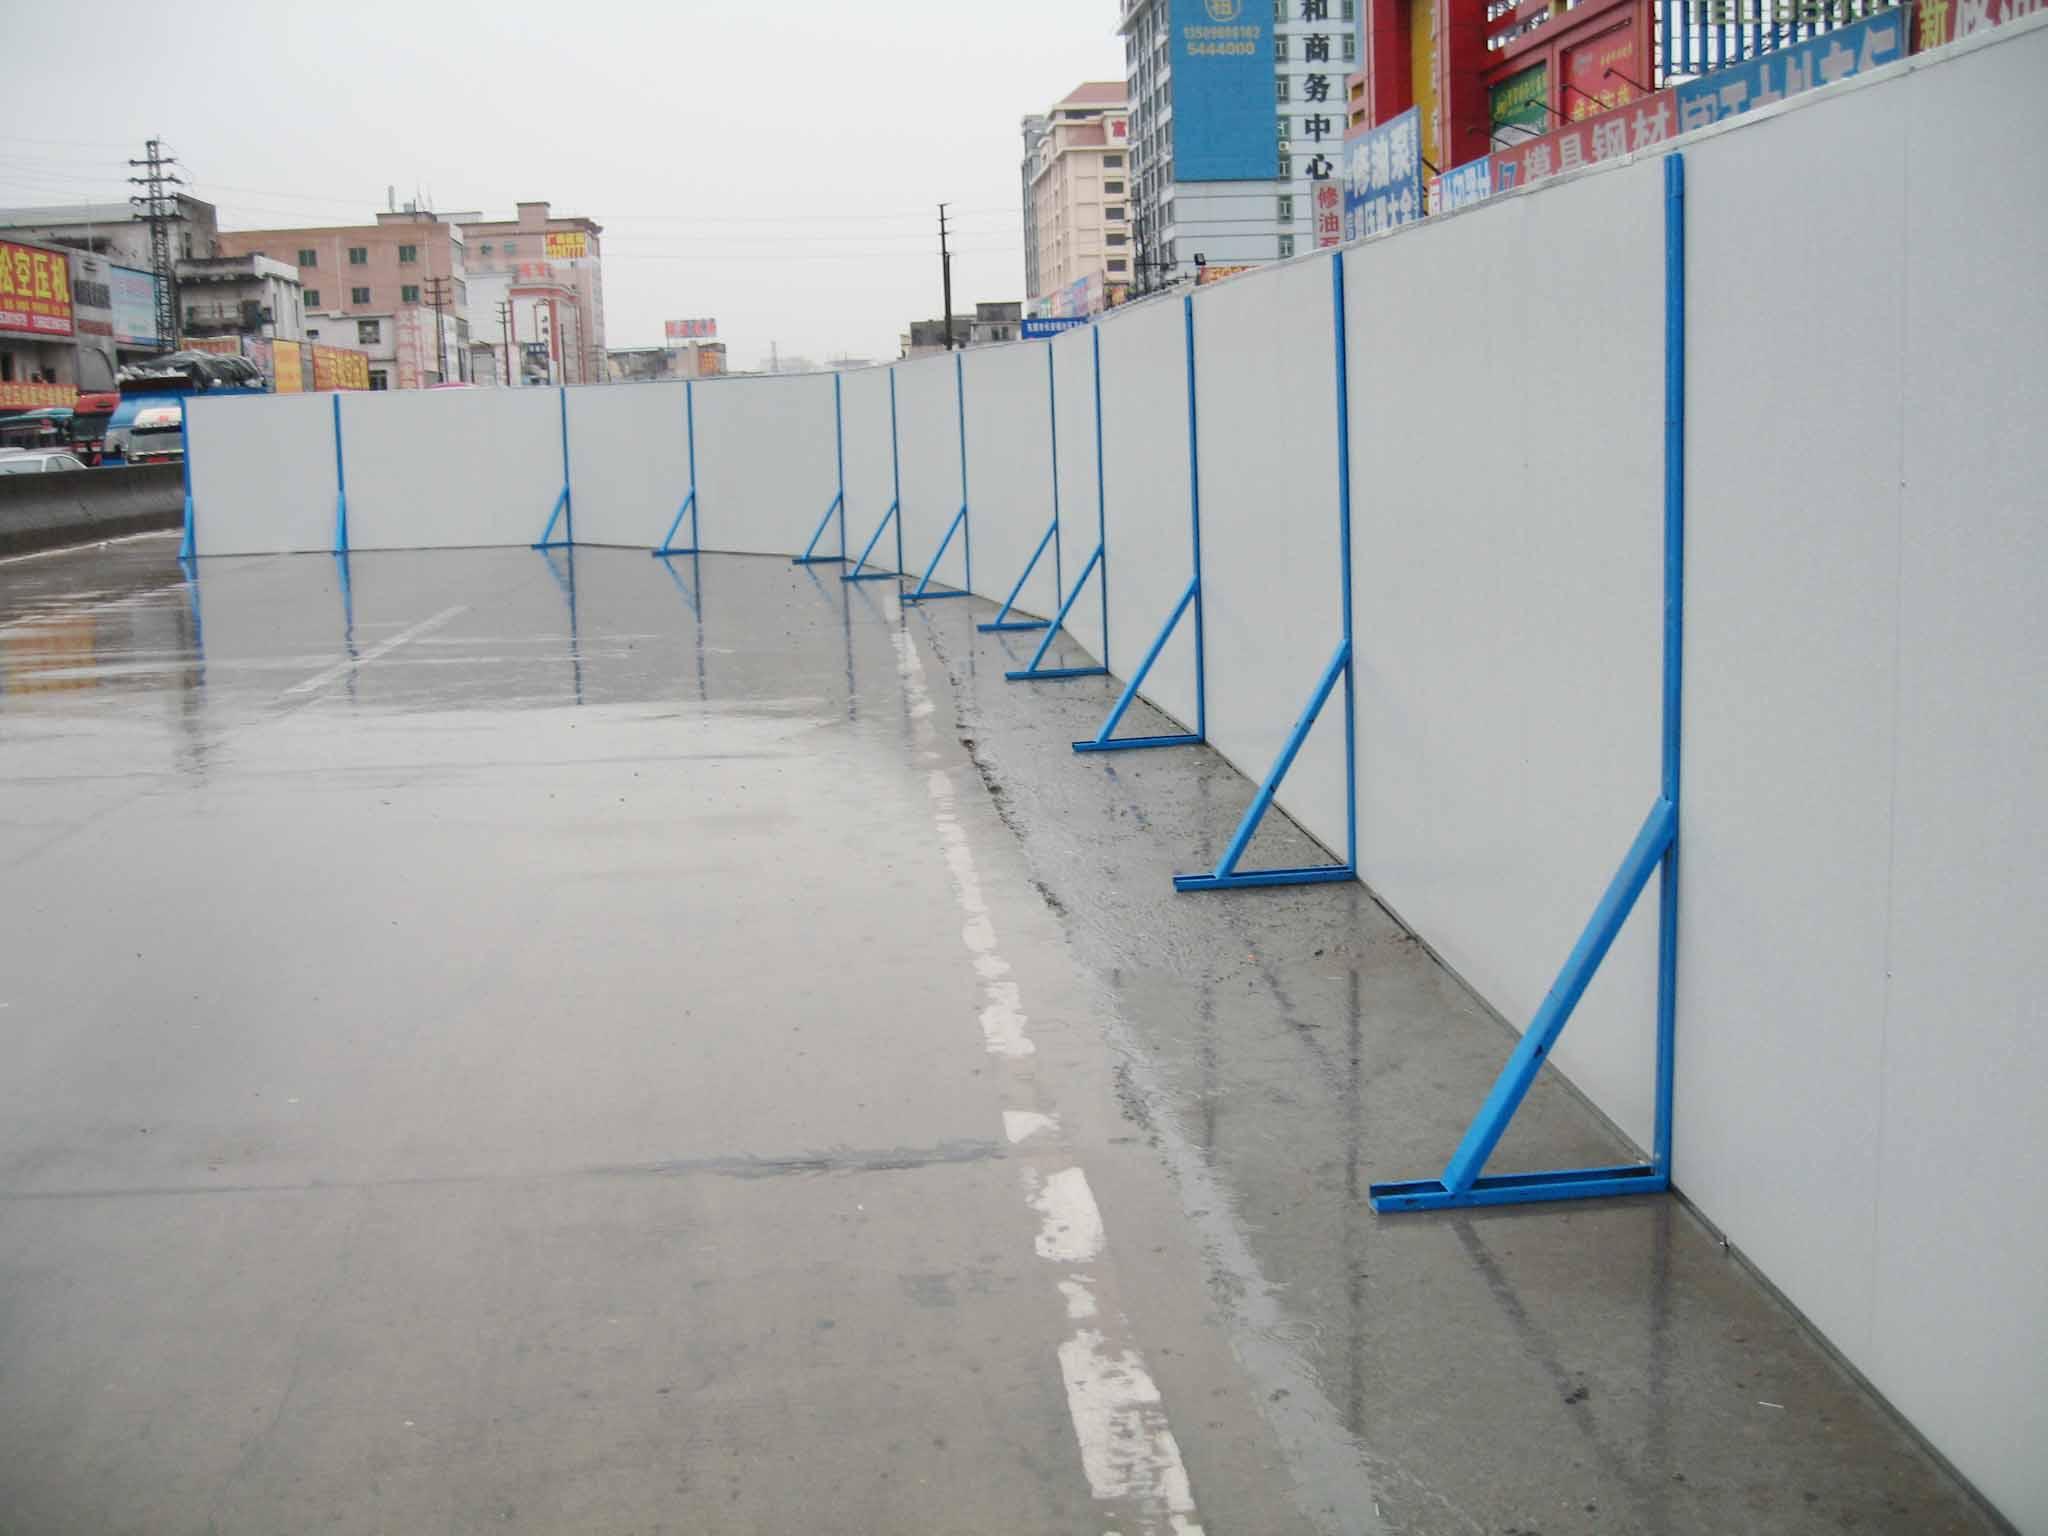 建筑工地图片 建筑工地样板图 深圳建筑工地围挡 深圳活动